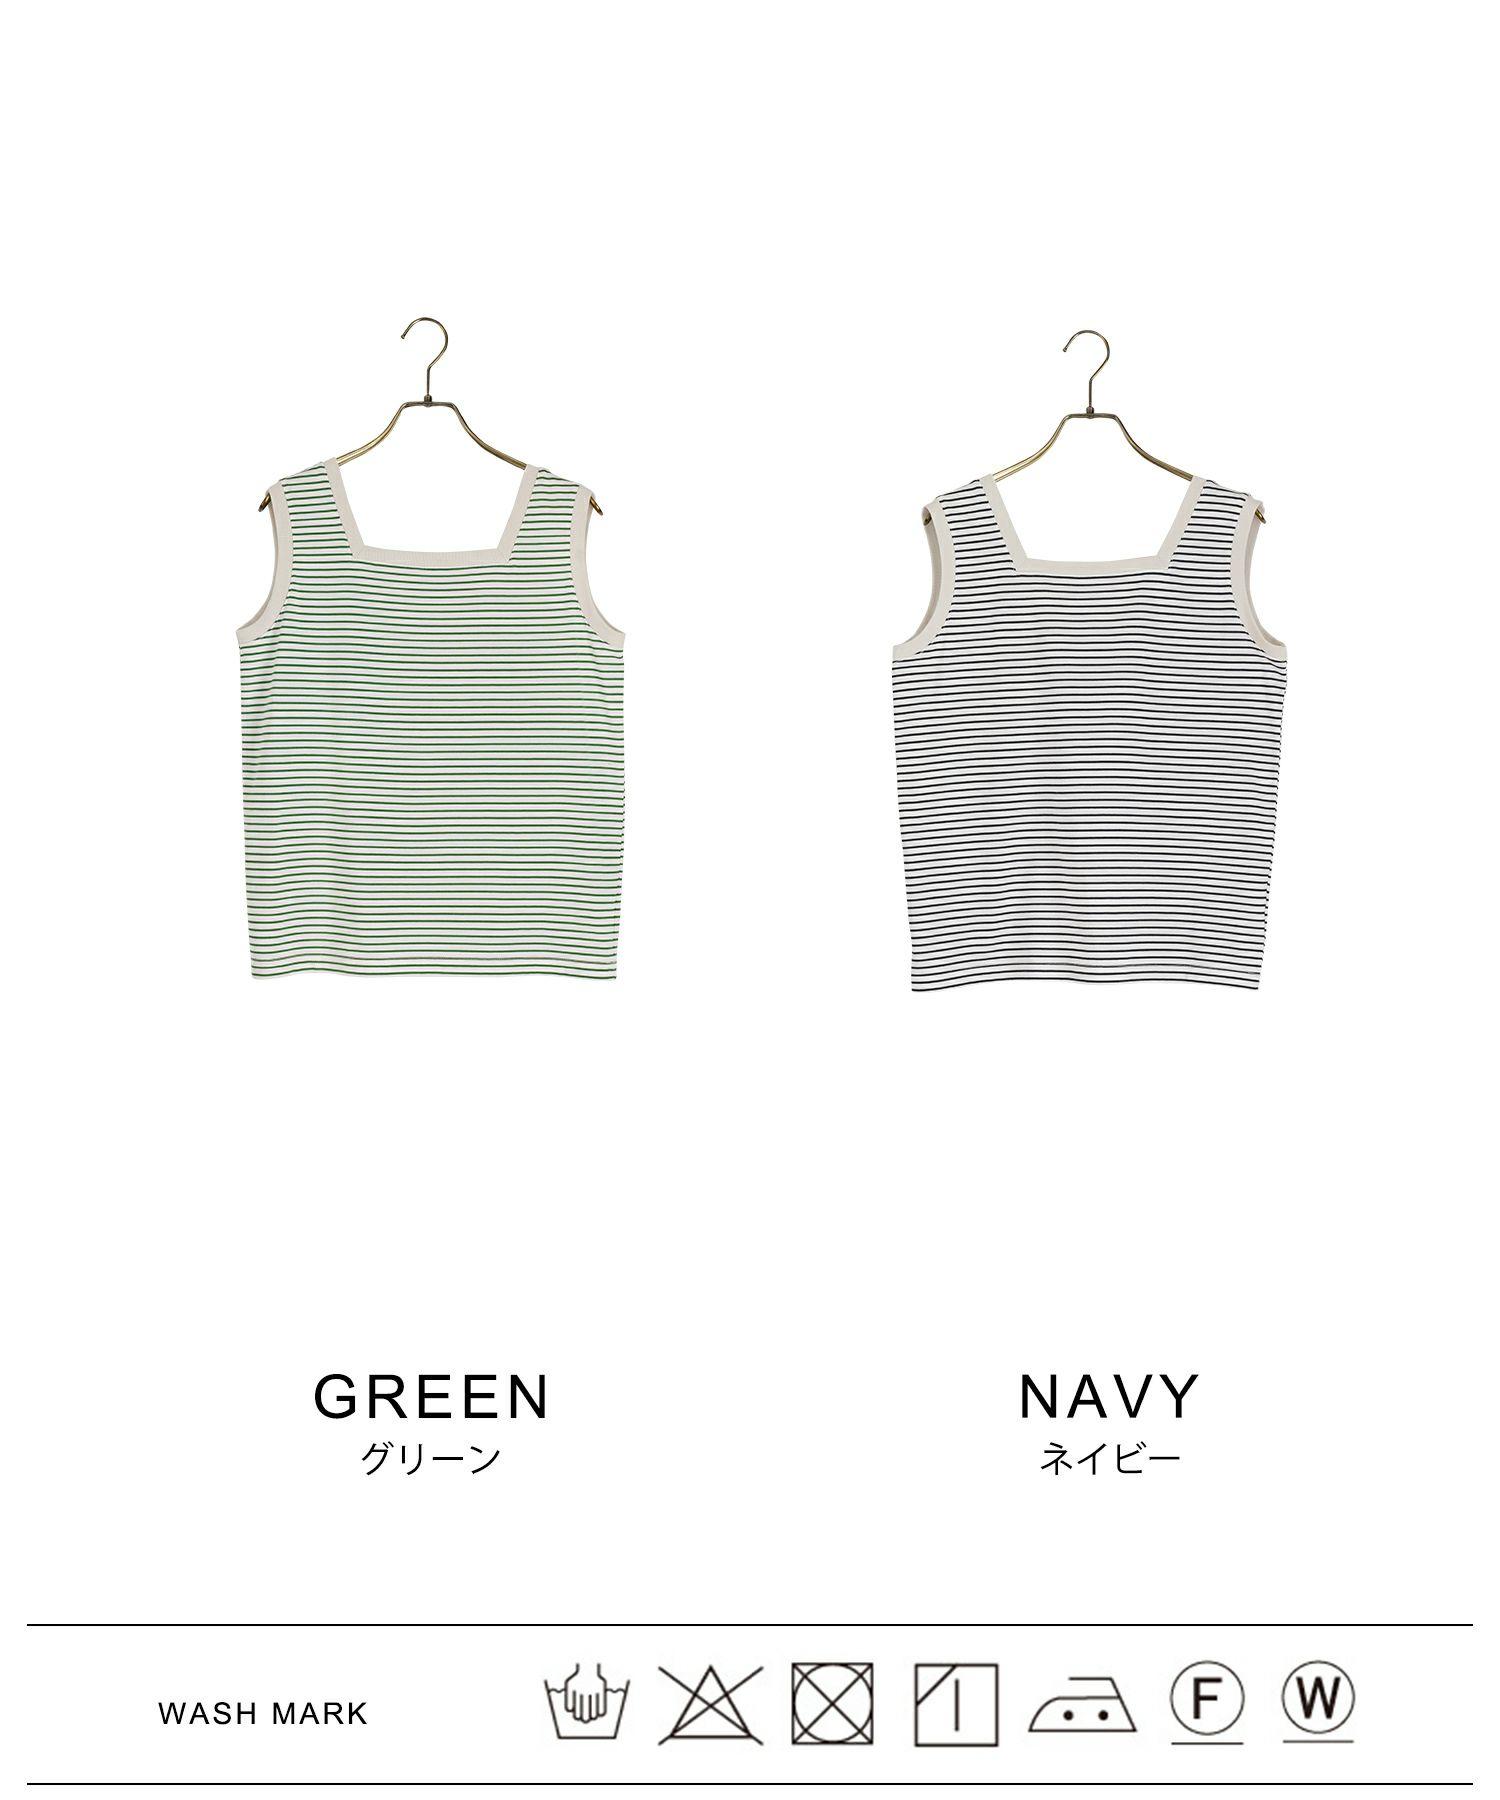 ボーダー/ノースリーブ/グリーン/ブラック